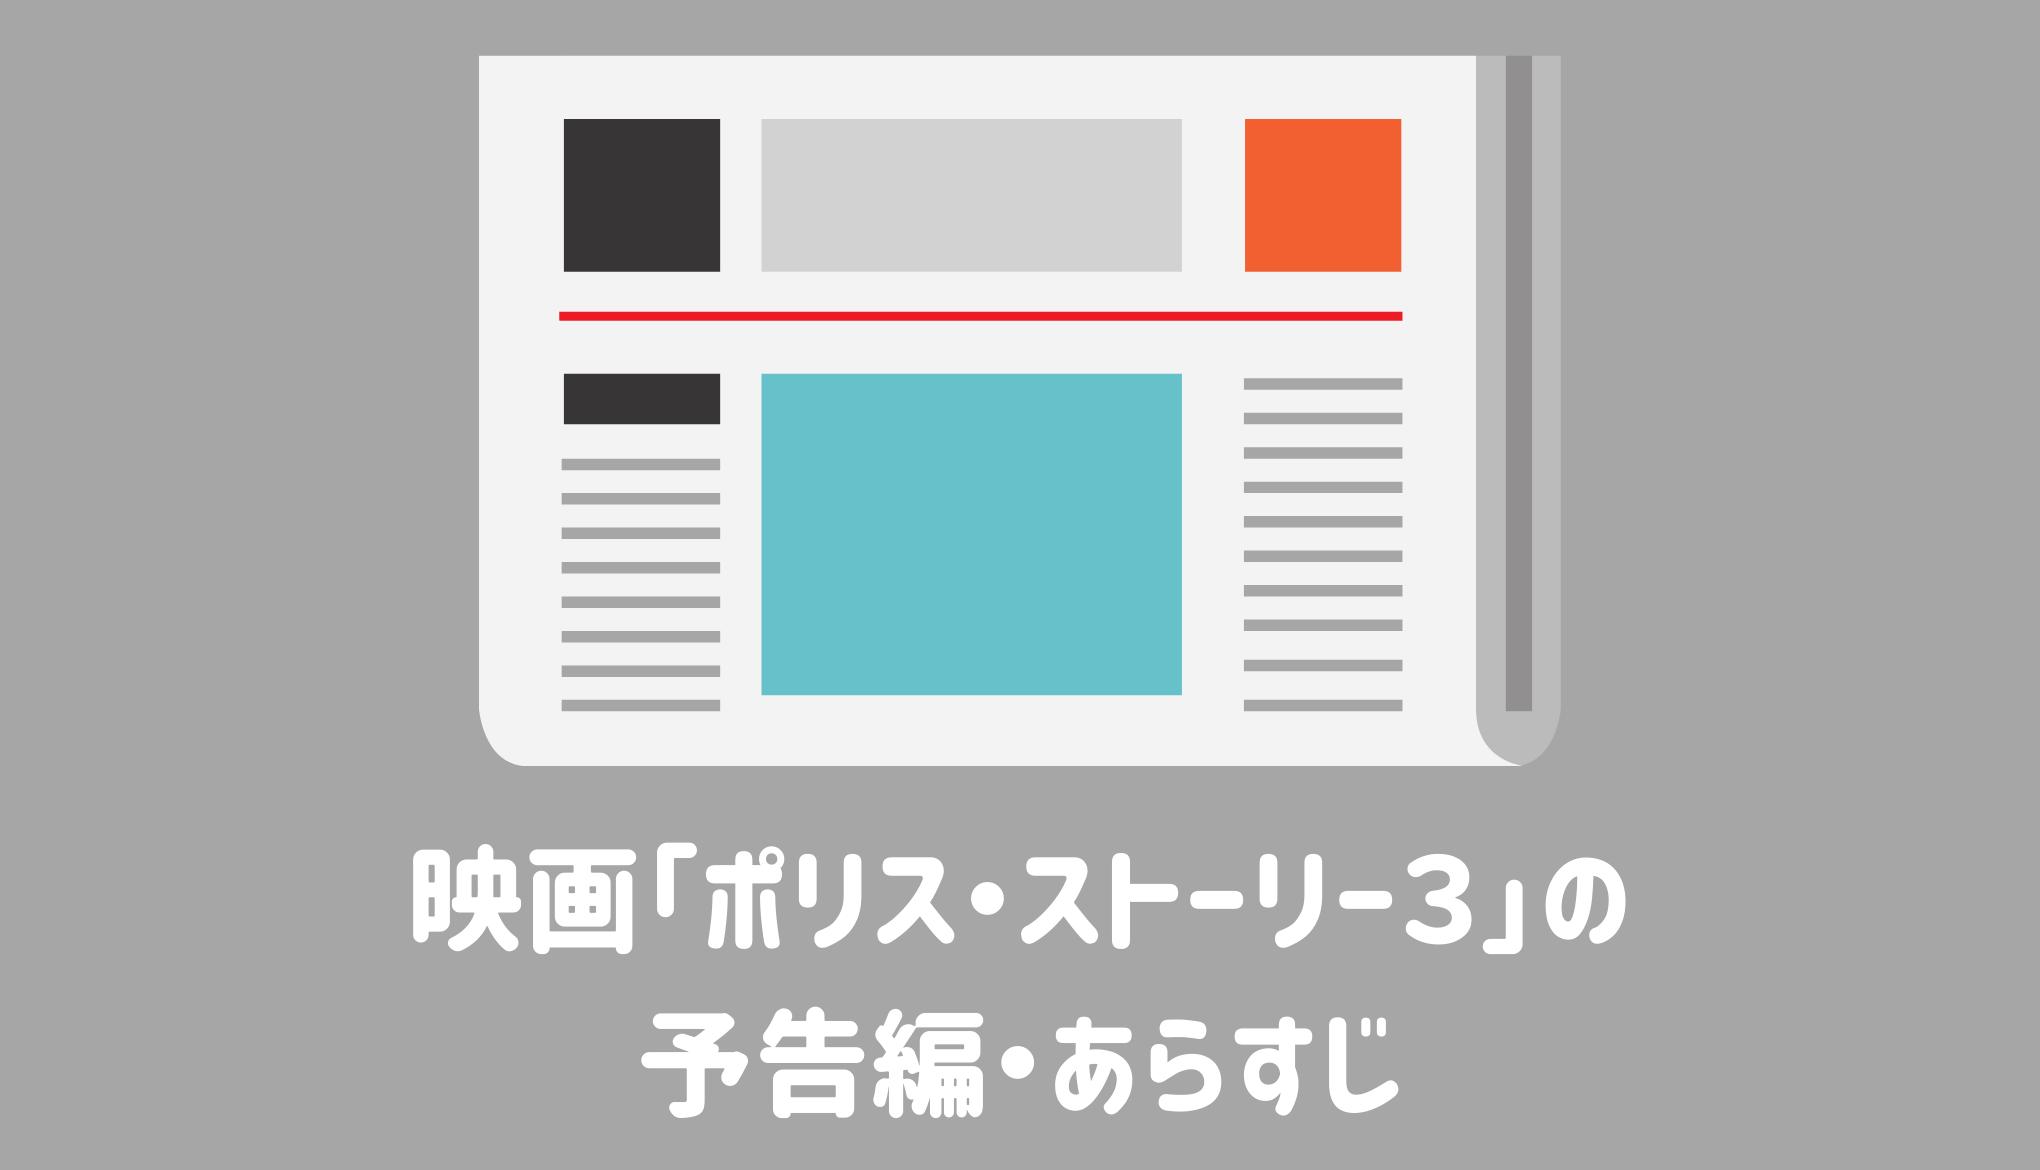 映画「ポリス・ストーリー3」の予告編・あらすじ